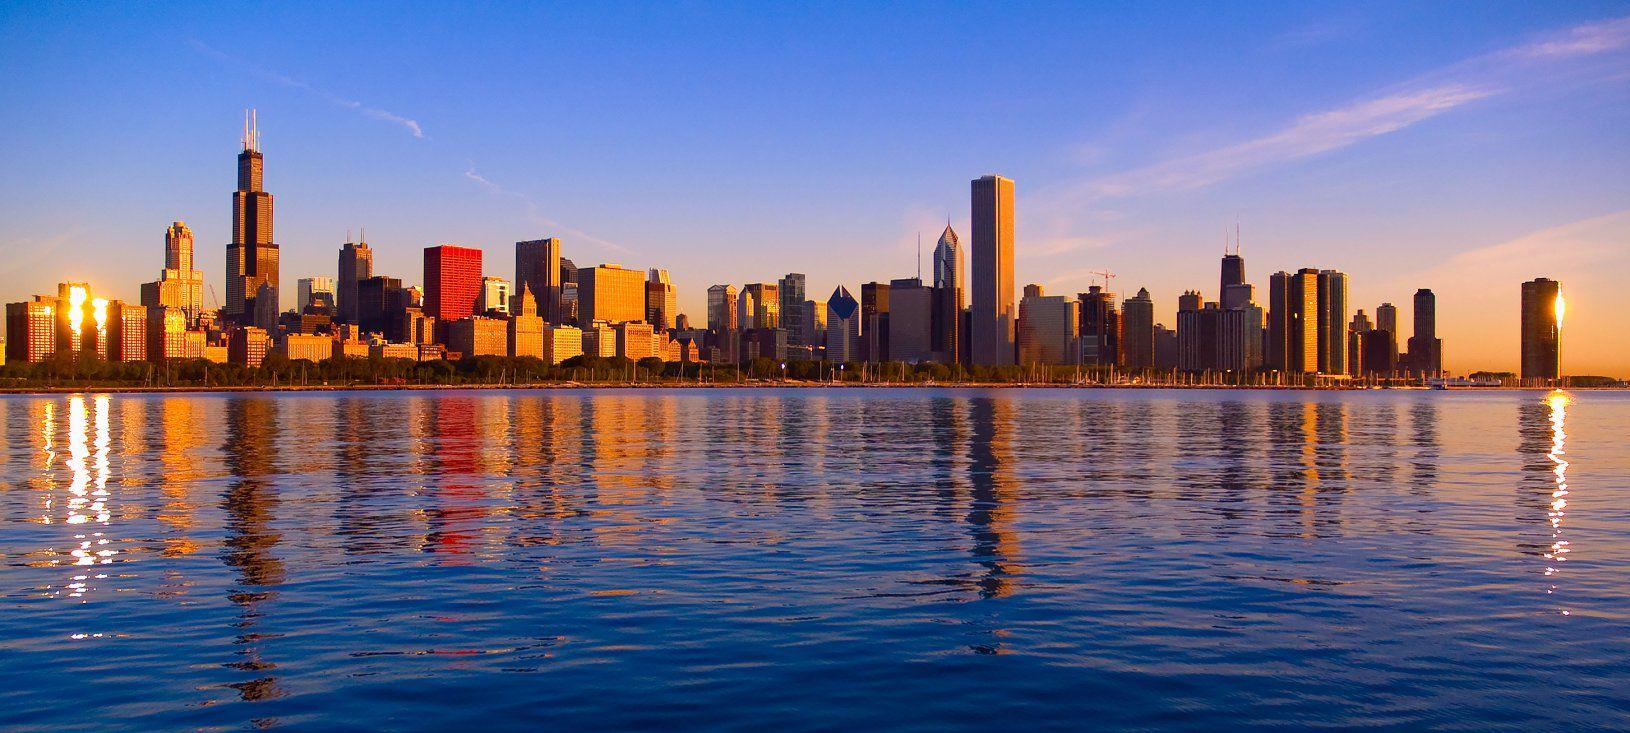 Chicago-skyline-from-Adler-Planetarium-sunrise.jpg